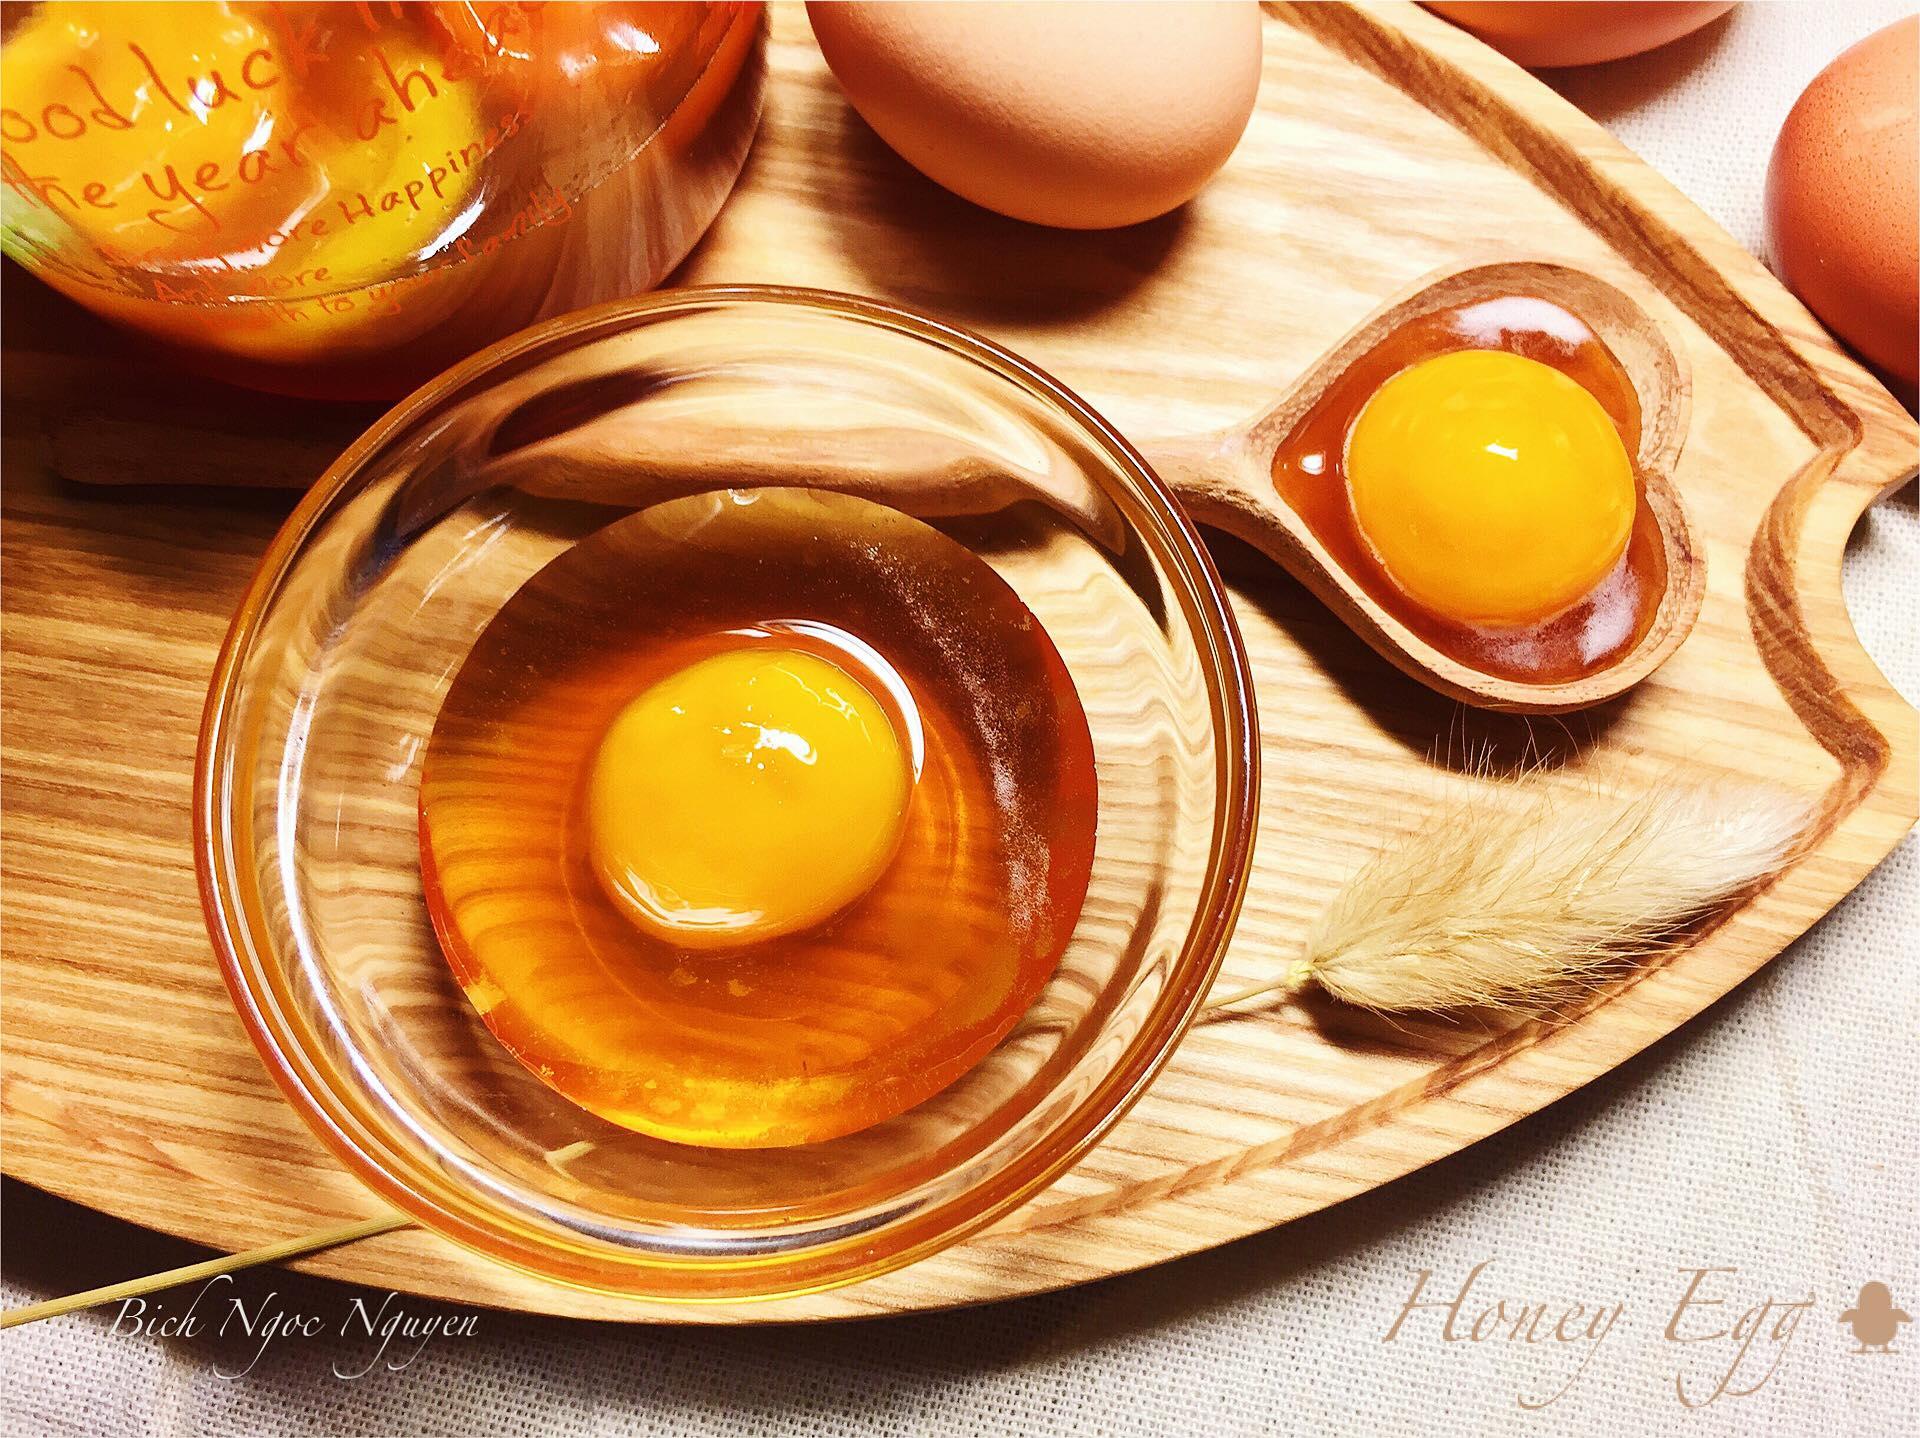 cách làm thần dược cho phái đẹp 31 cách làm thần dược cho phái đẹp Cách làm thần dược cho phái đẹp – Trứng gà ngâm mật ong cach lam than duoc cho phai dep 31